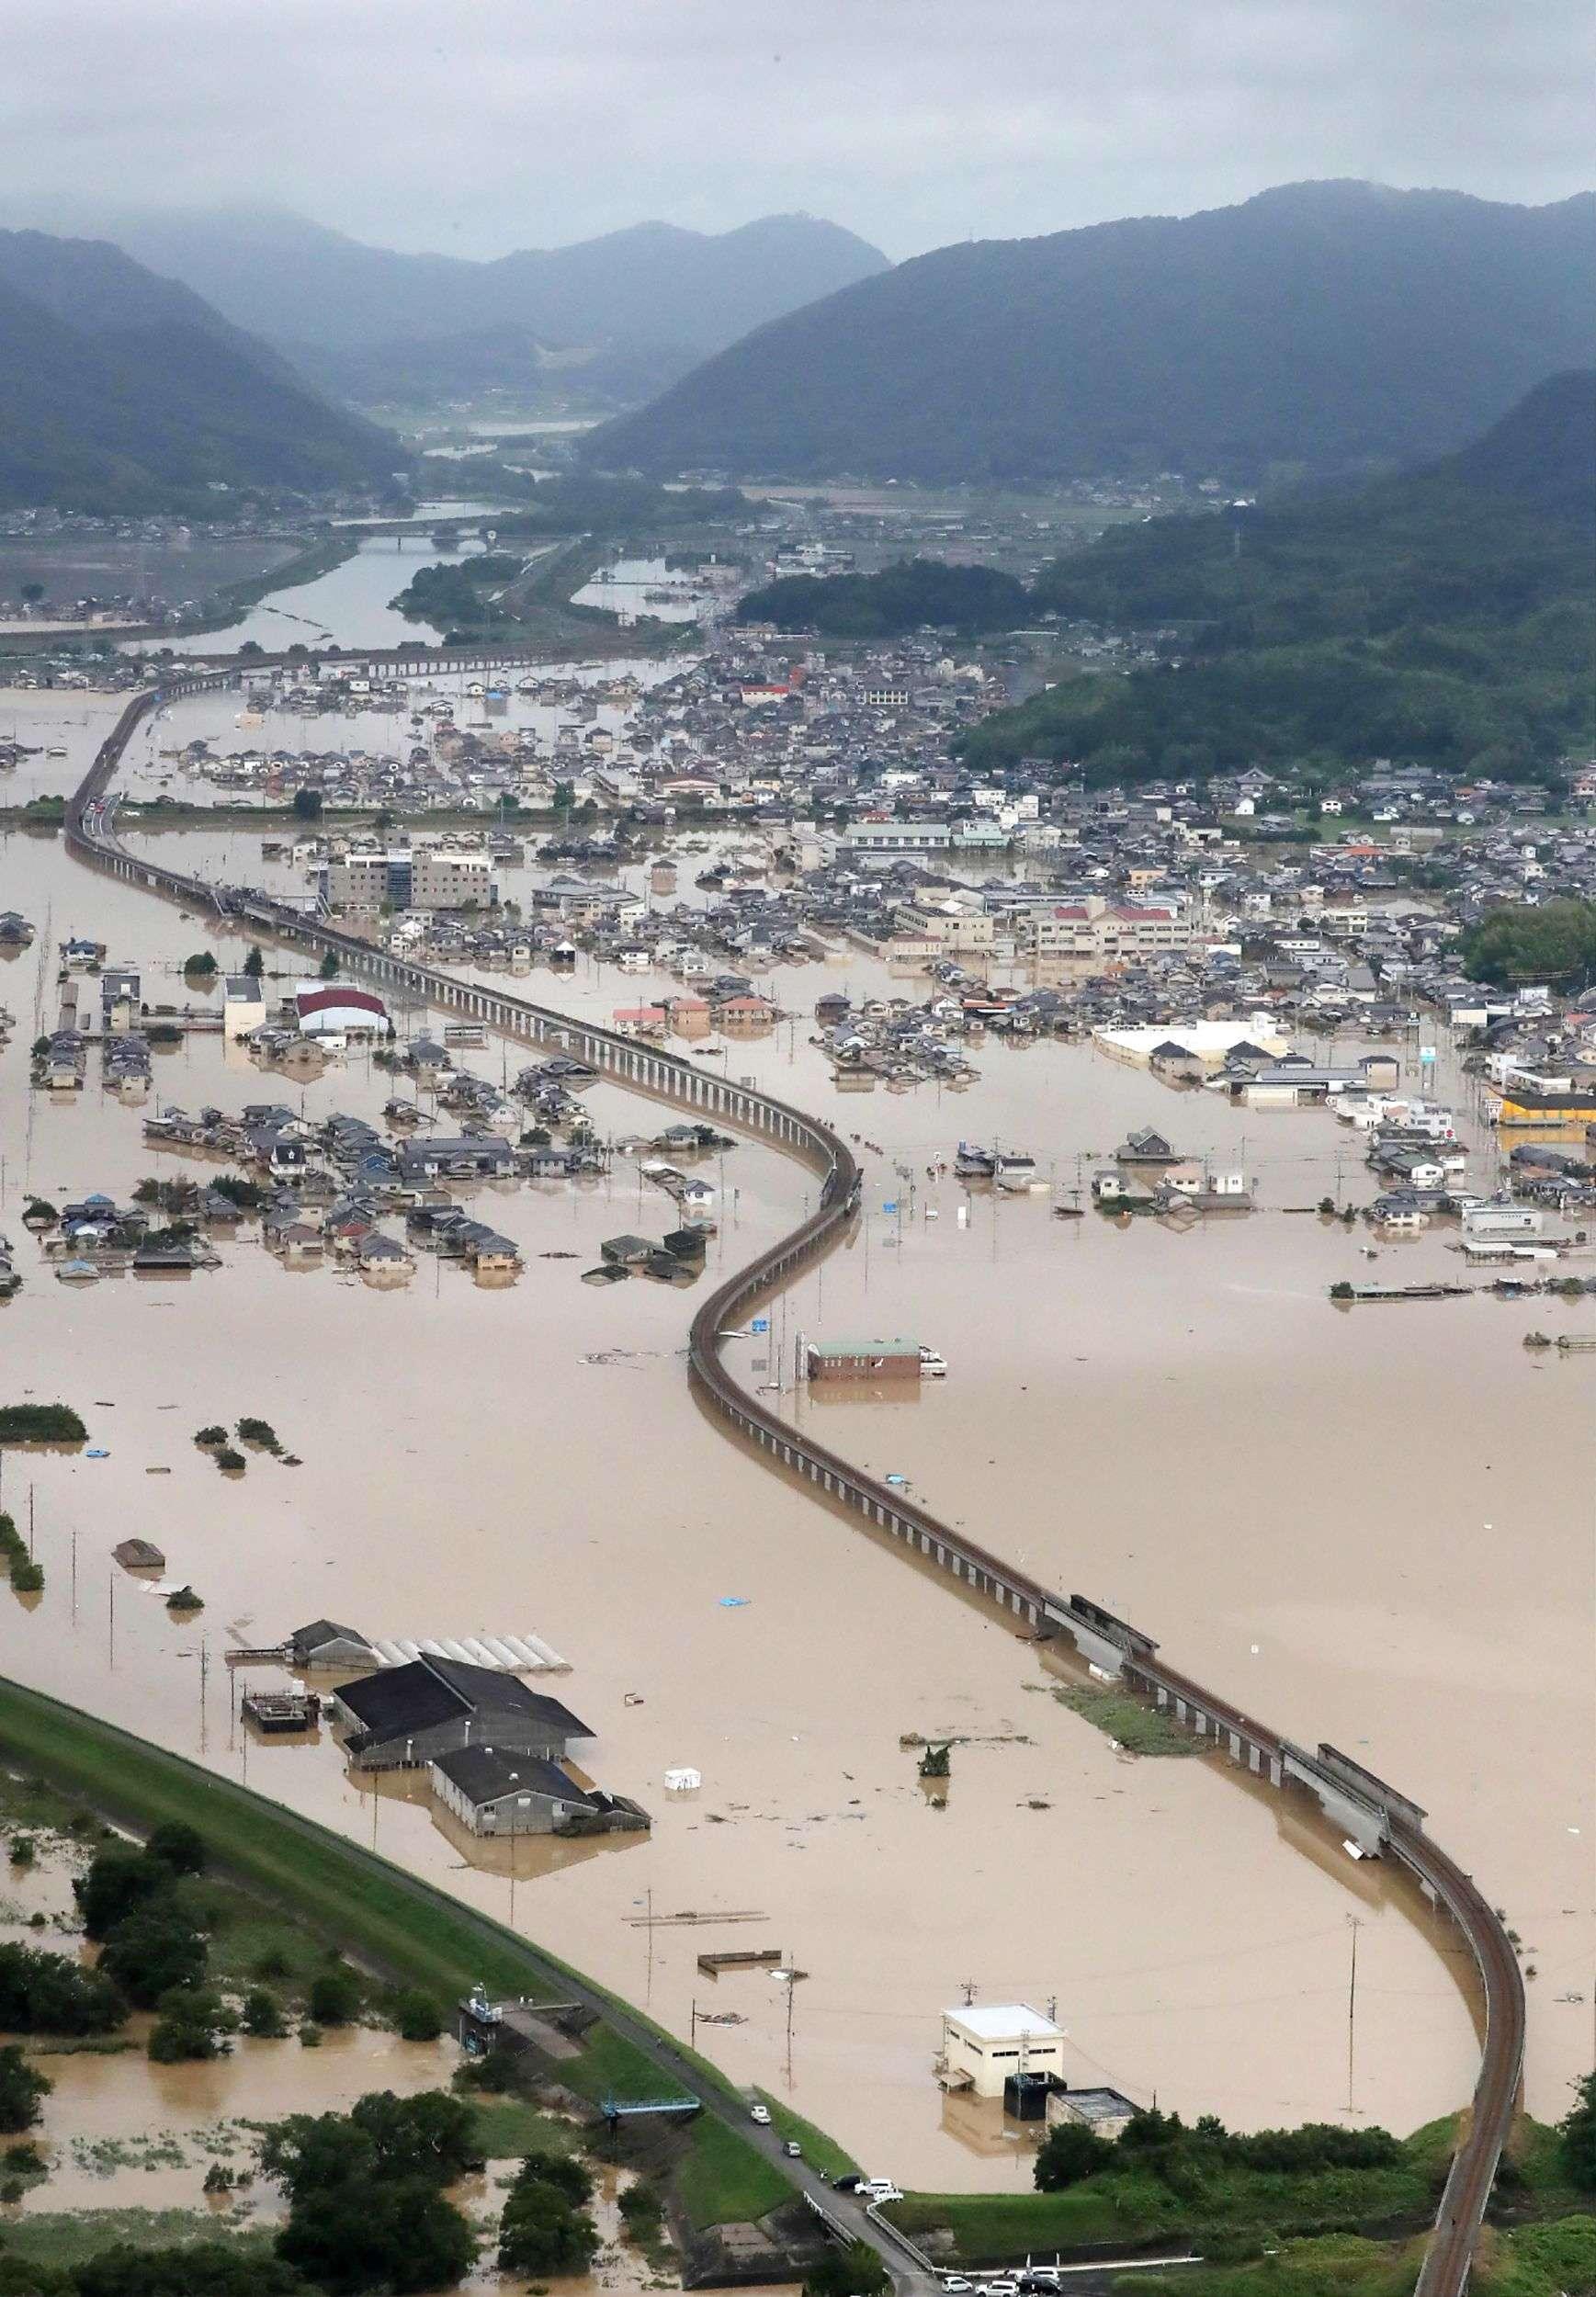 Les précipitations inédites enregistrées entre vendredi 6 et dimanche 8 juillet ont entraîné de terribles inondations, des coulées de boue et d'autres dégâts majeurs qui ont piégé de nombreux habitants. Desordres non contraignants et des recommandations d'évacuer avaient été émis à l'intention de millions de personnes.